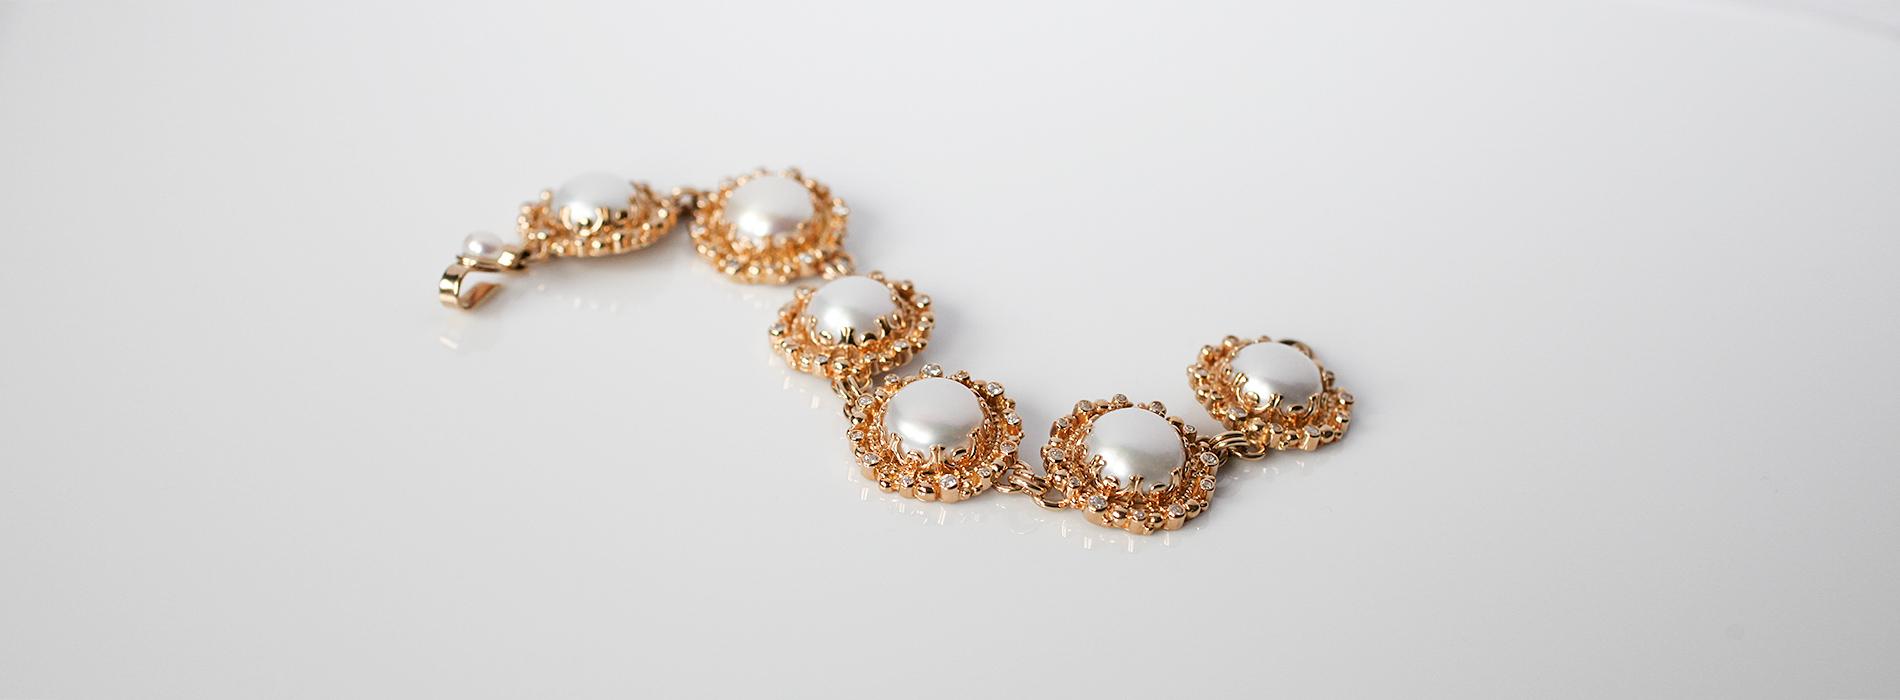 Złoto i perły - biżuteria na zamówienie